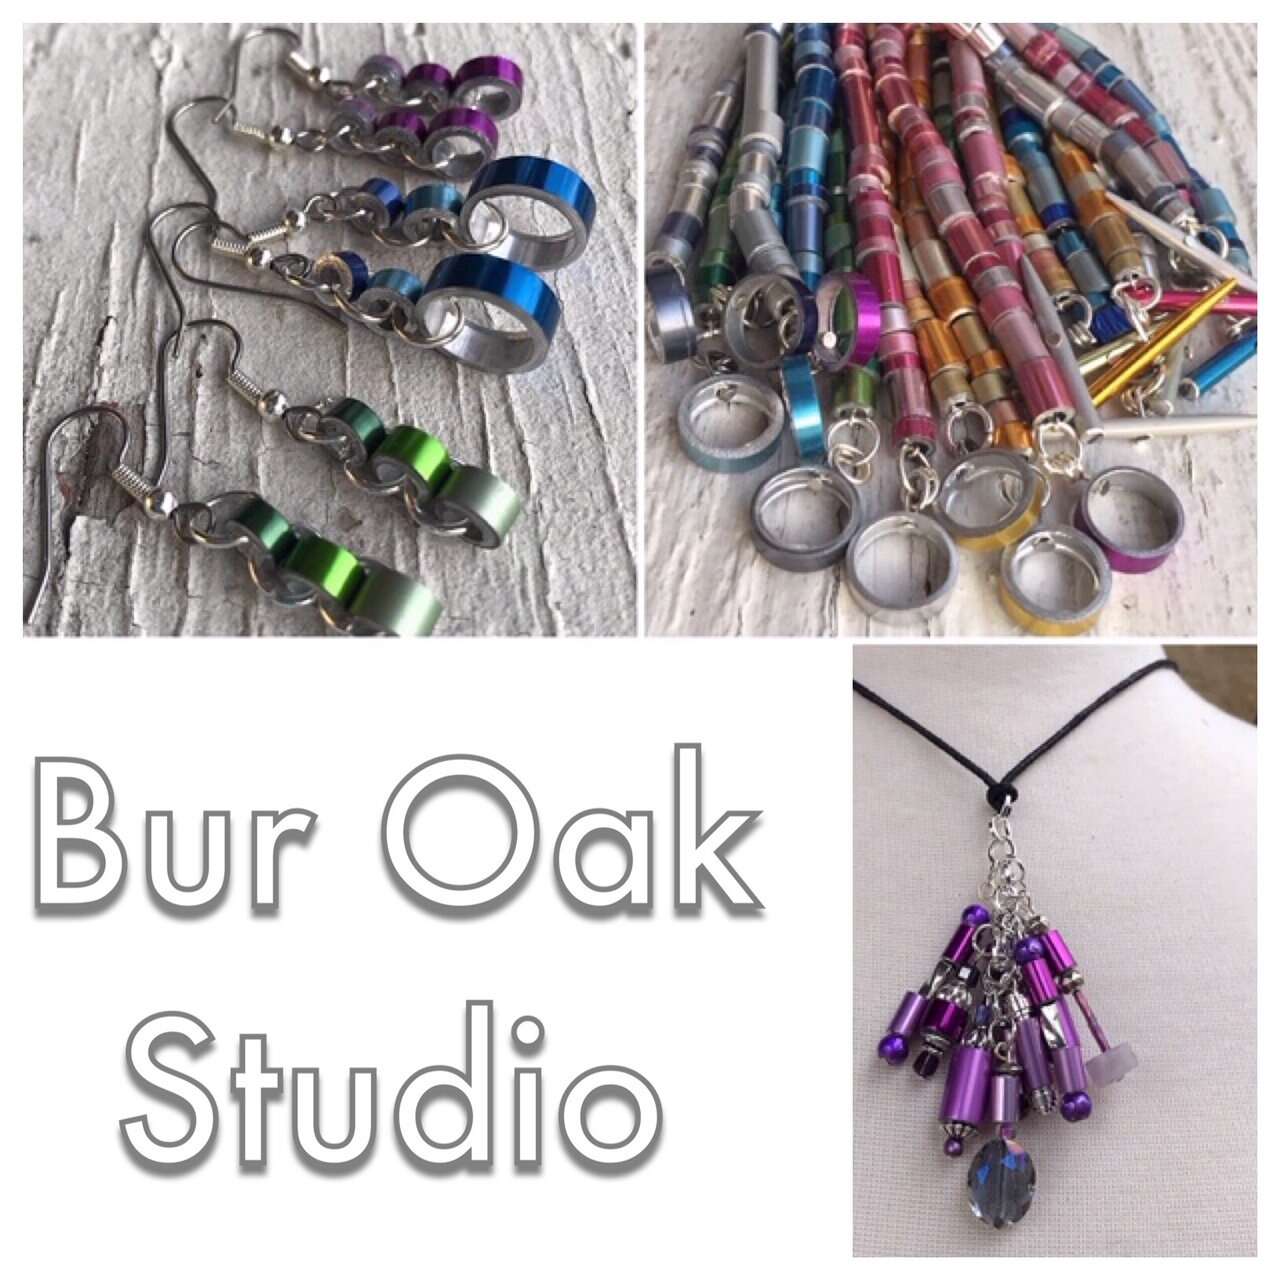 Bur Oak Studio.JPG